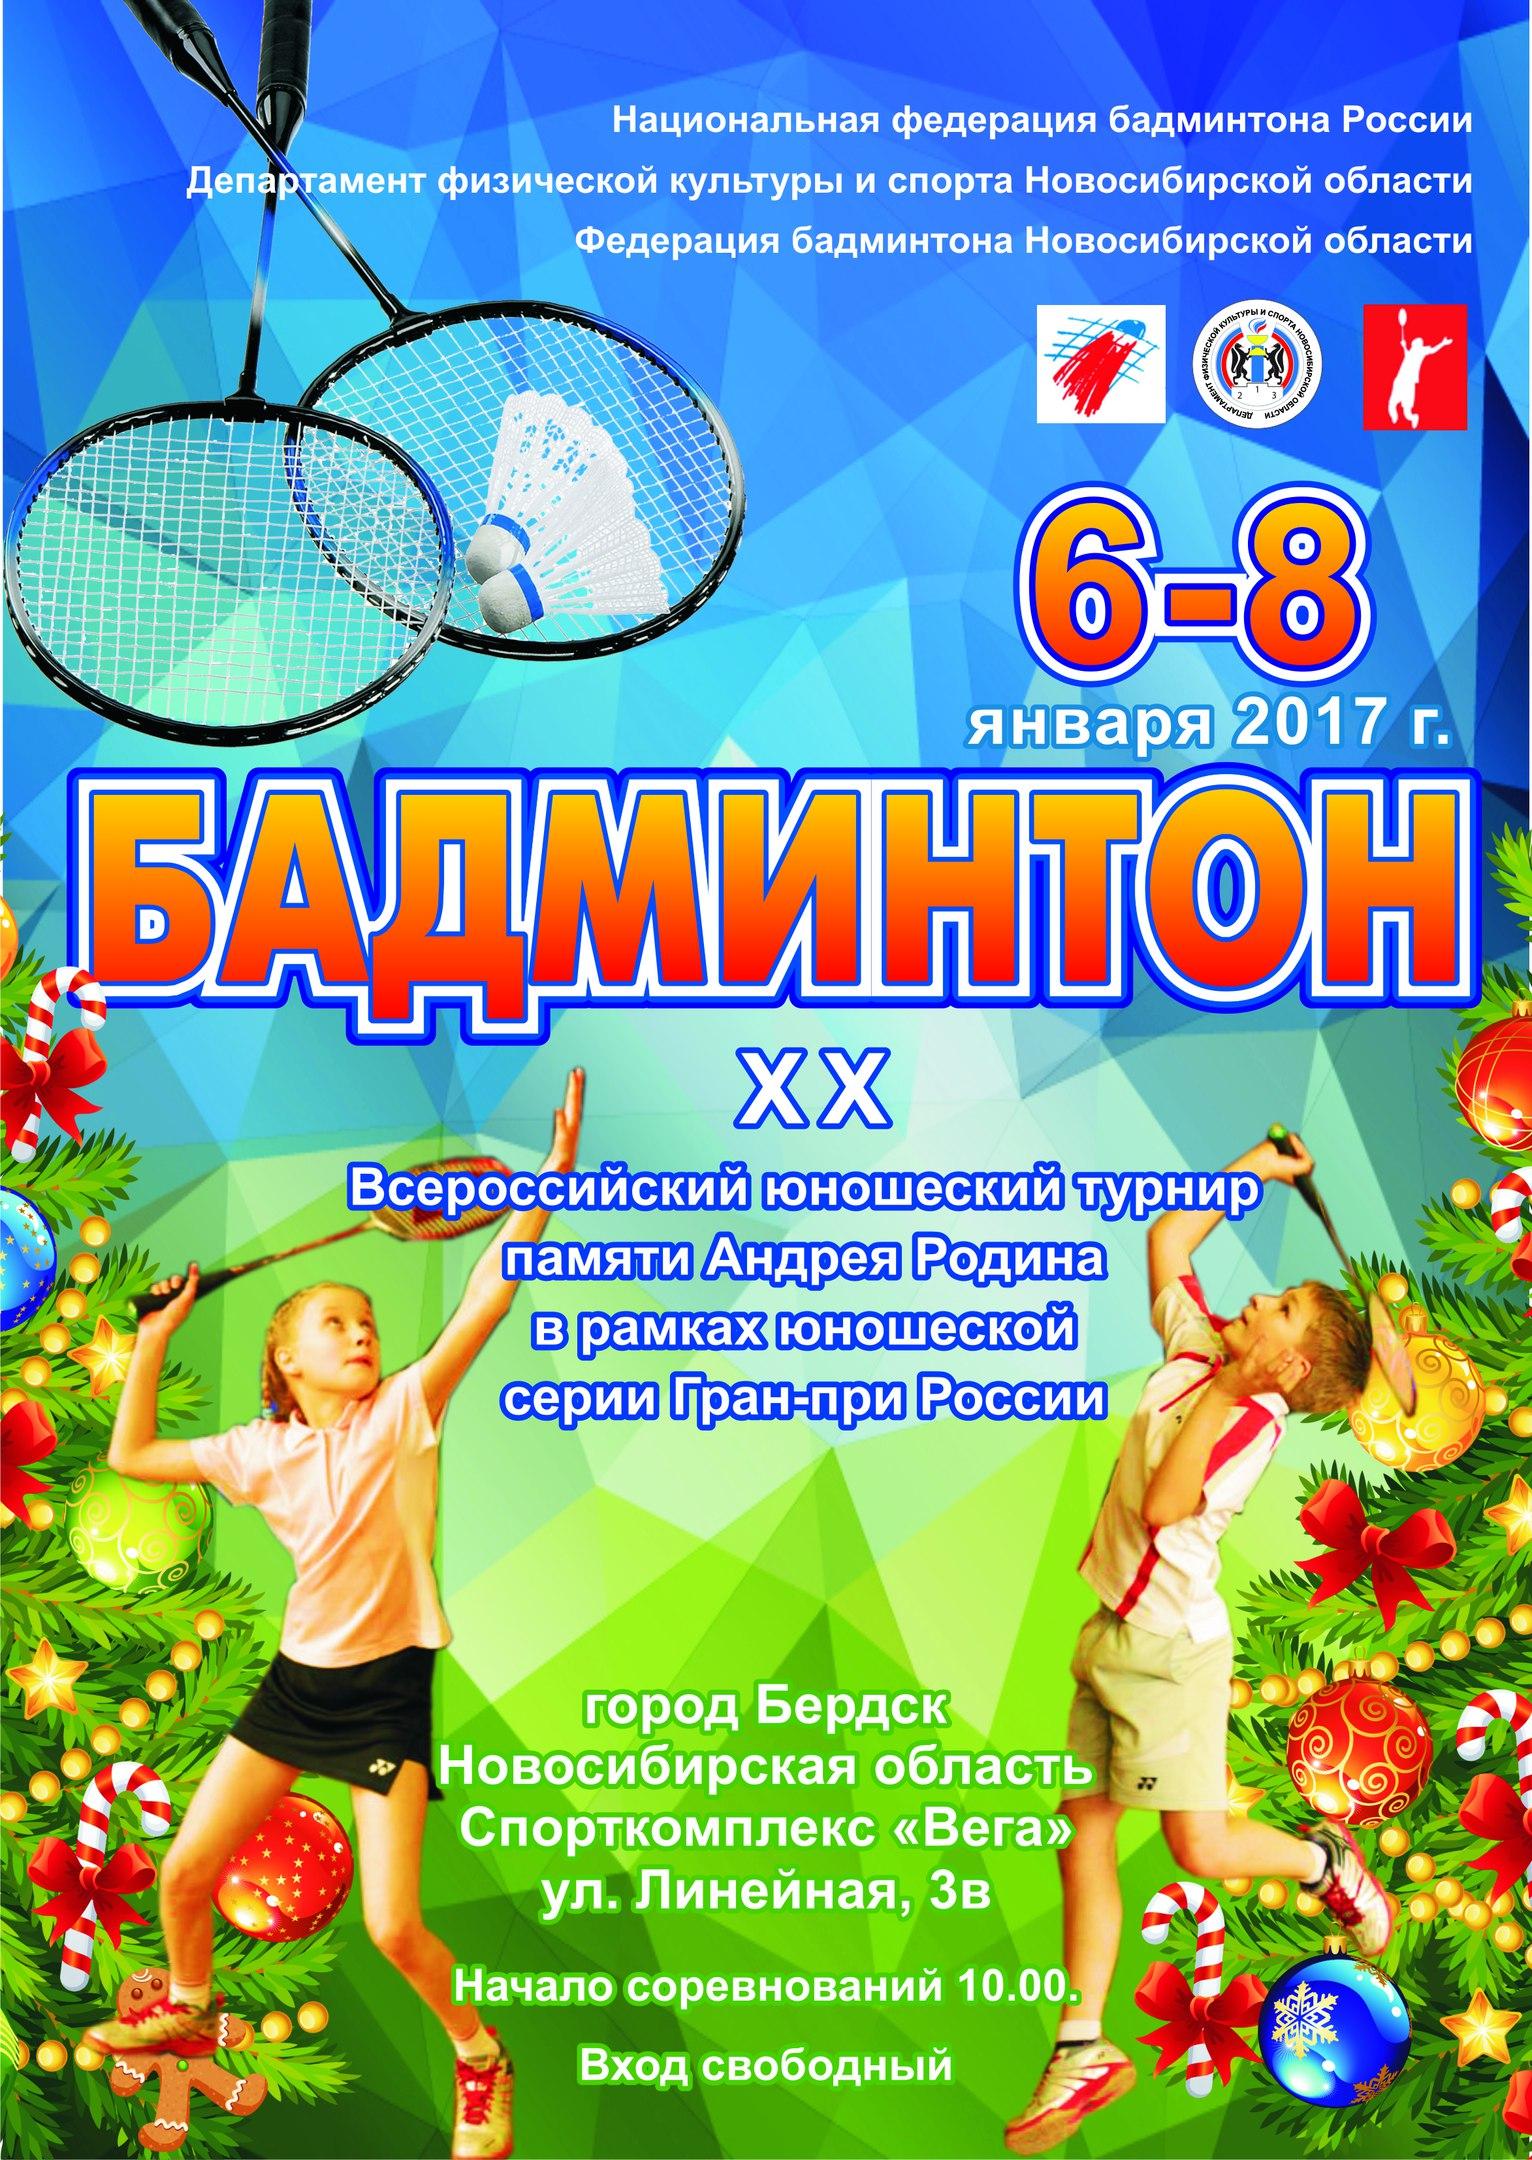 XХ - юбилейный Всероссийский юношеский турнир по бадминтону памяти Андрея Родина